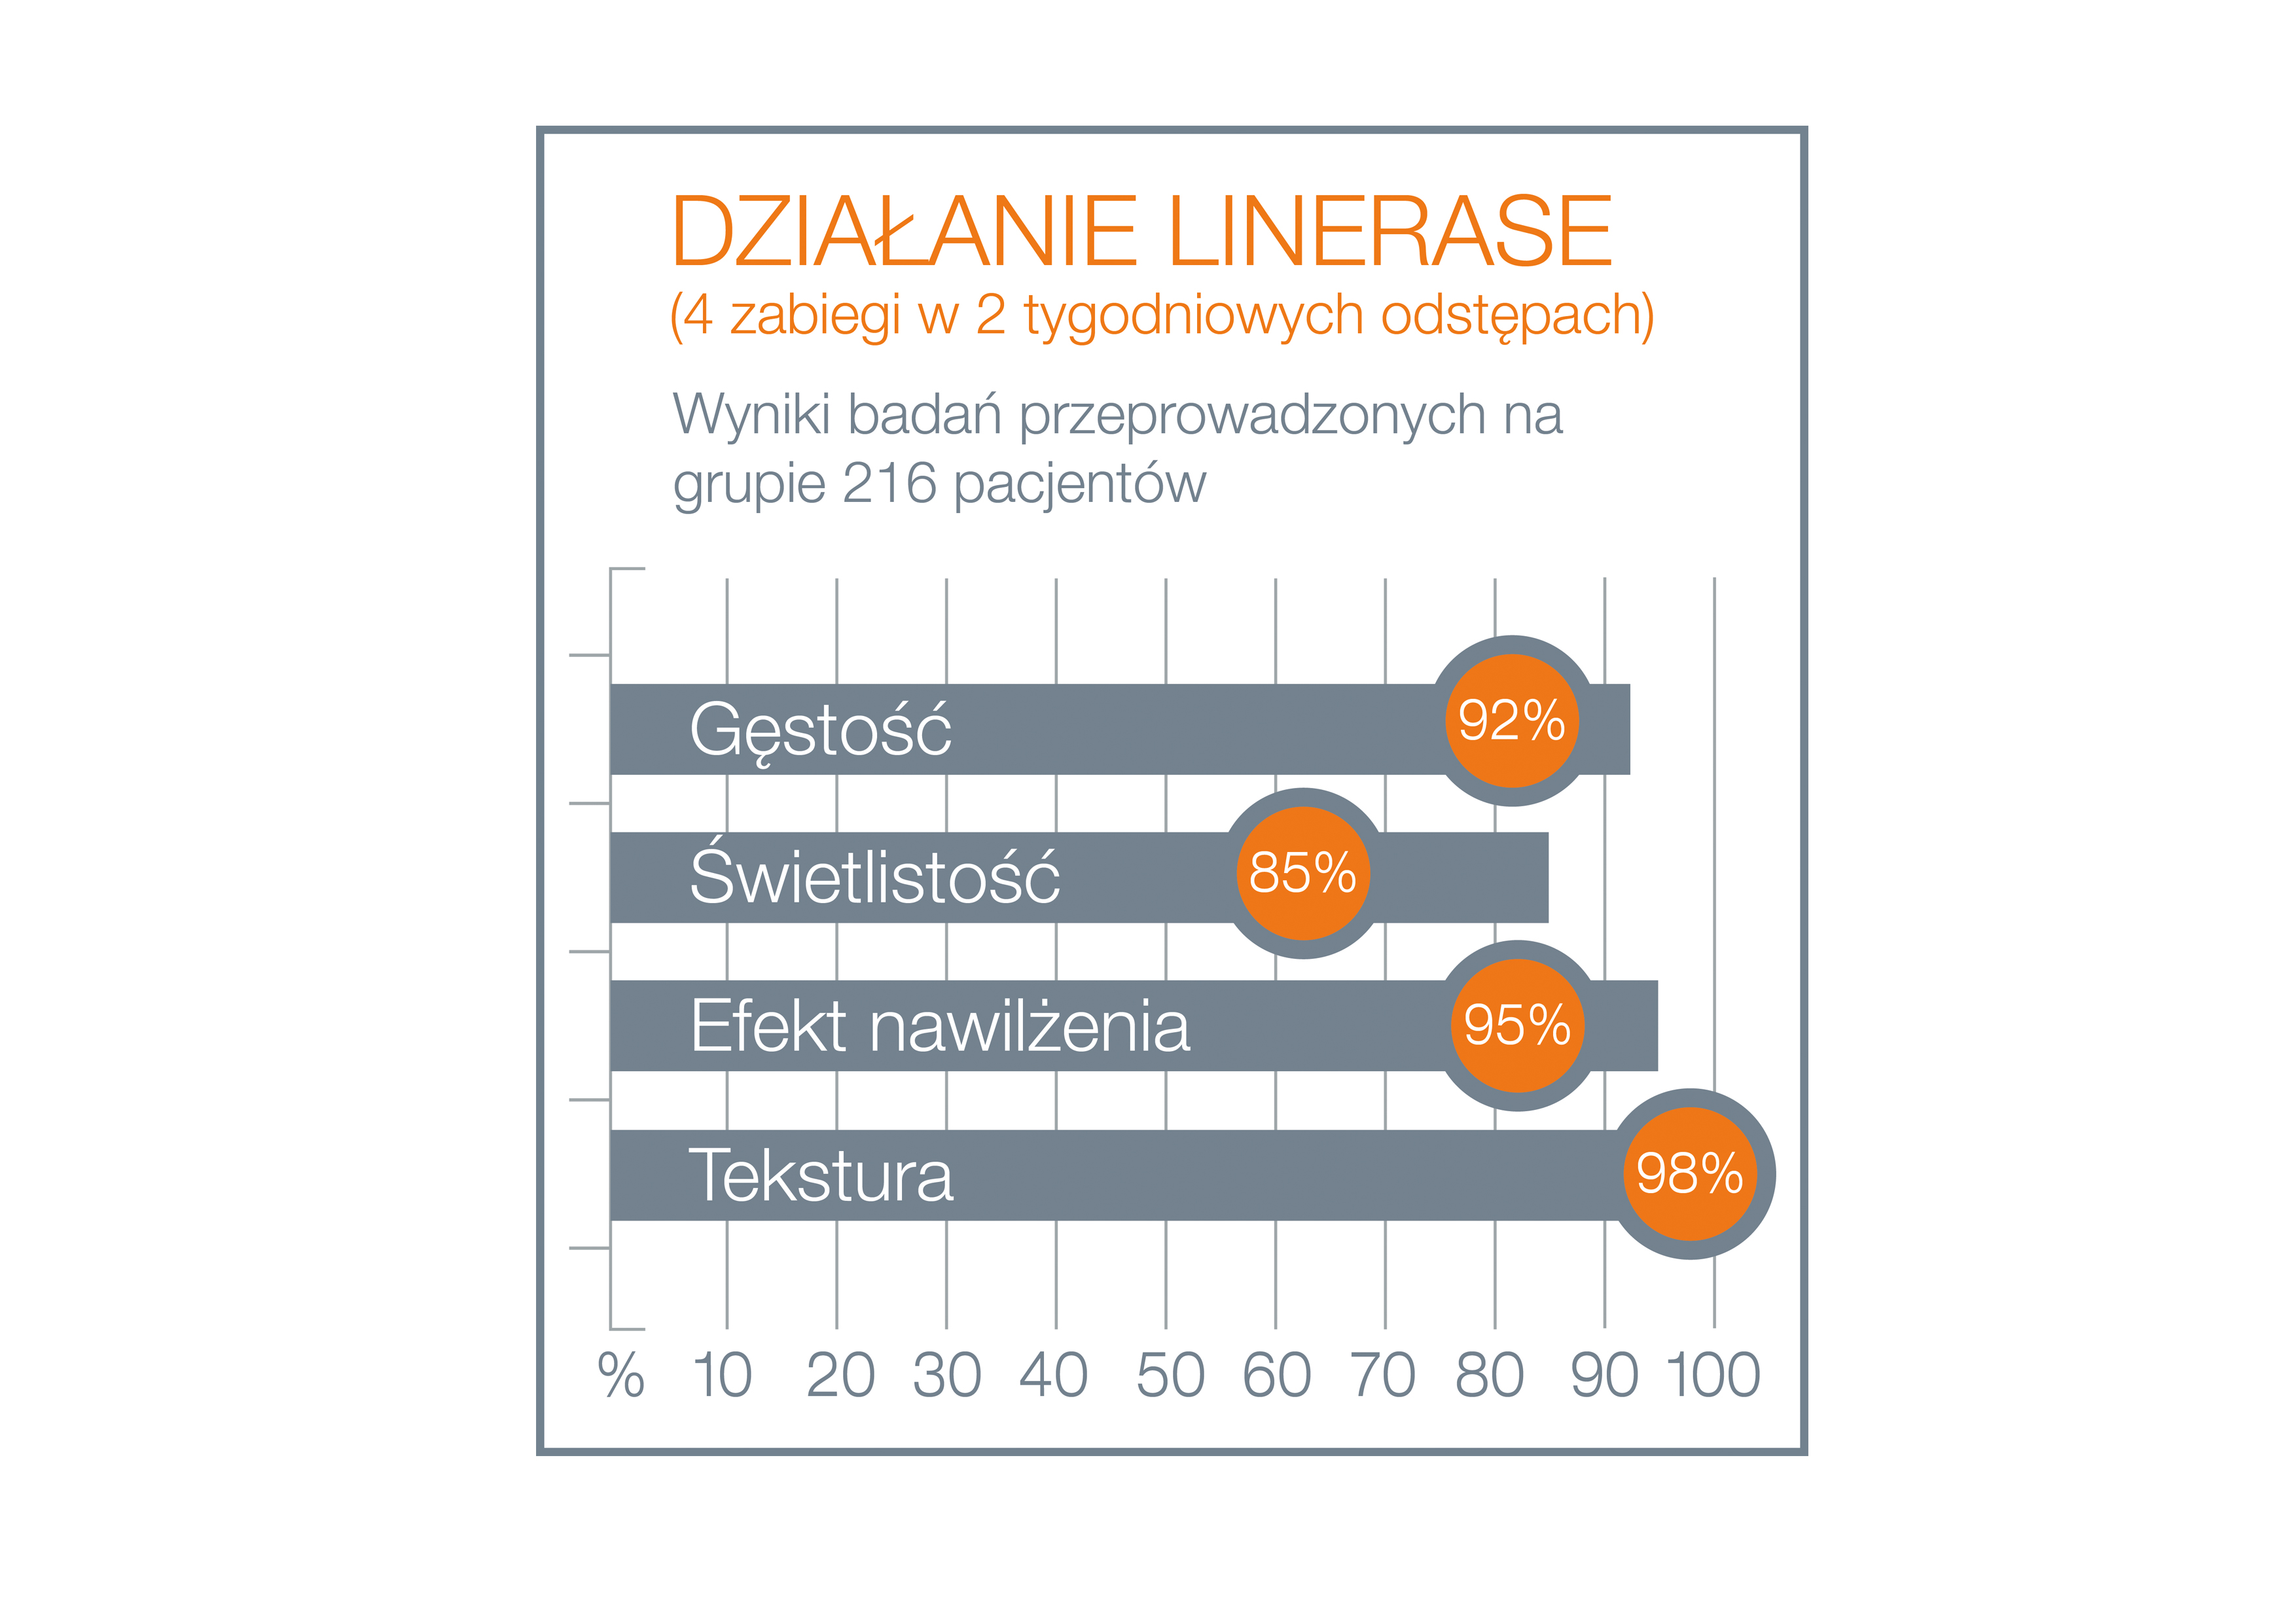 Linerase - inforgrafika